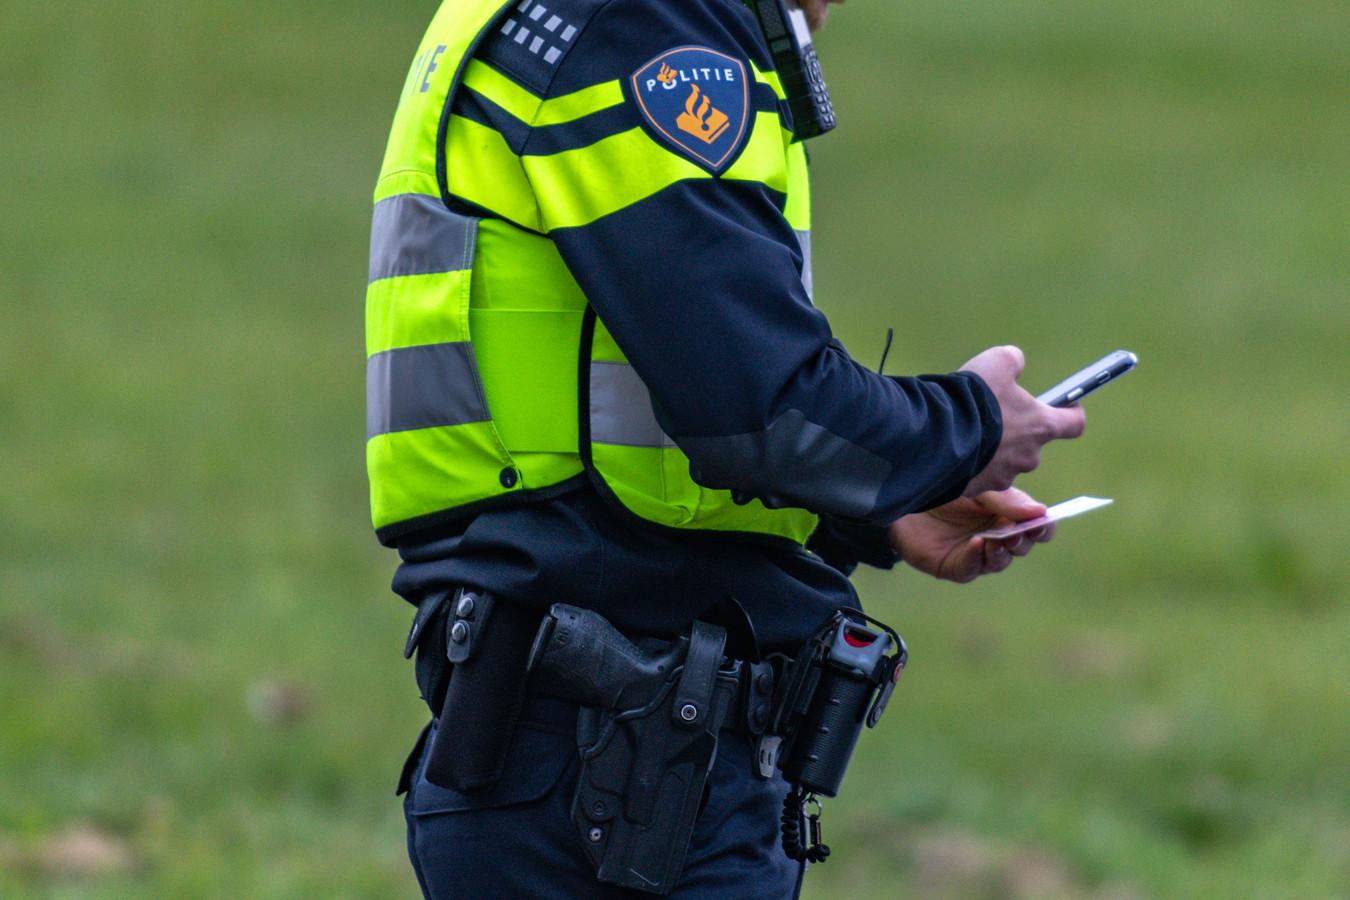 Agenten worden op vrijwillige basis opgeroepen om terug te komen van vakantie in verband met onderbezettting.